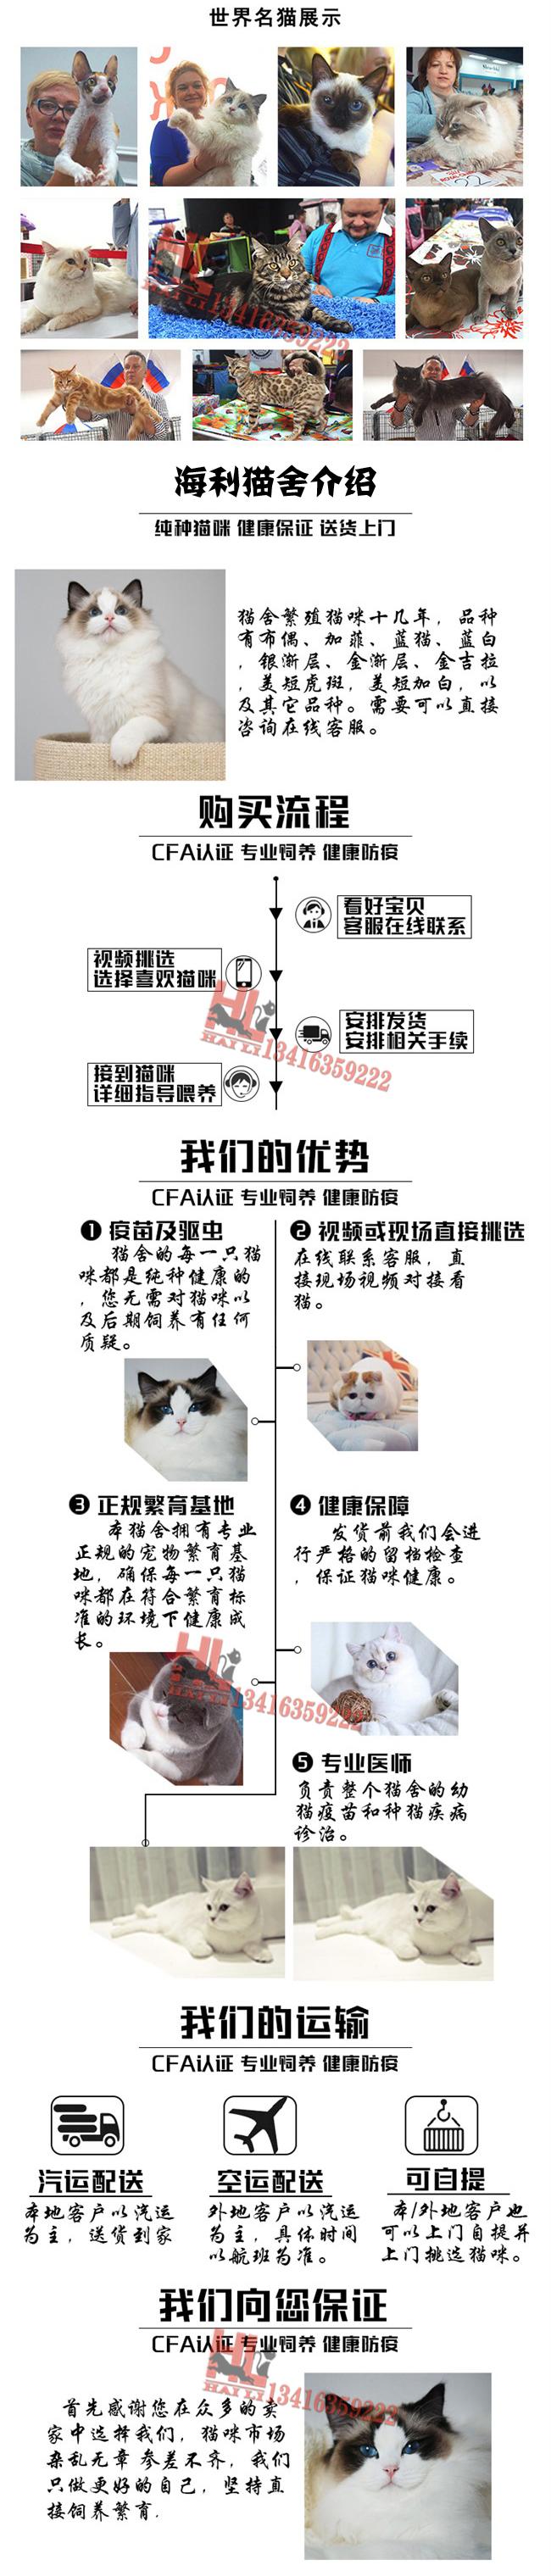 广州专业繁殖高品质孟加拉豹猫 品质好 品相到位6